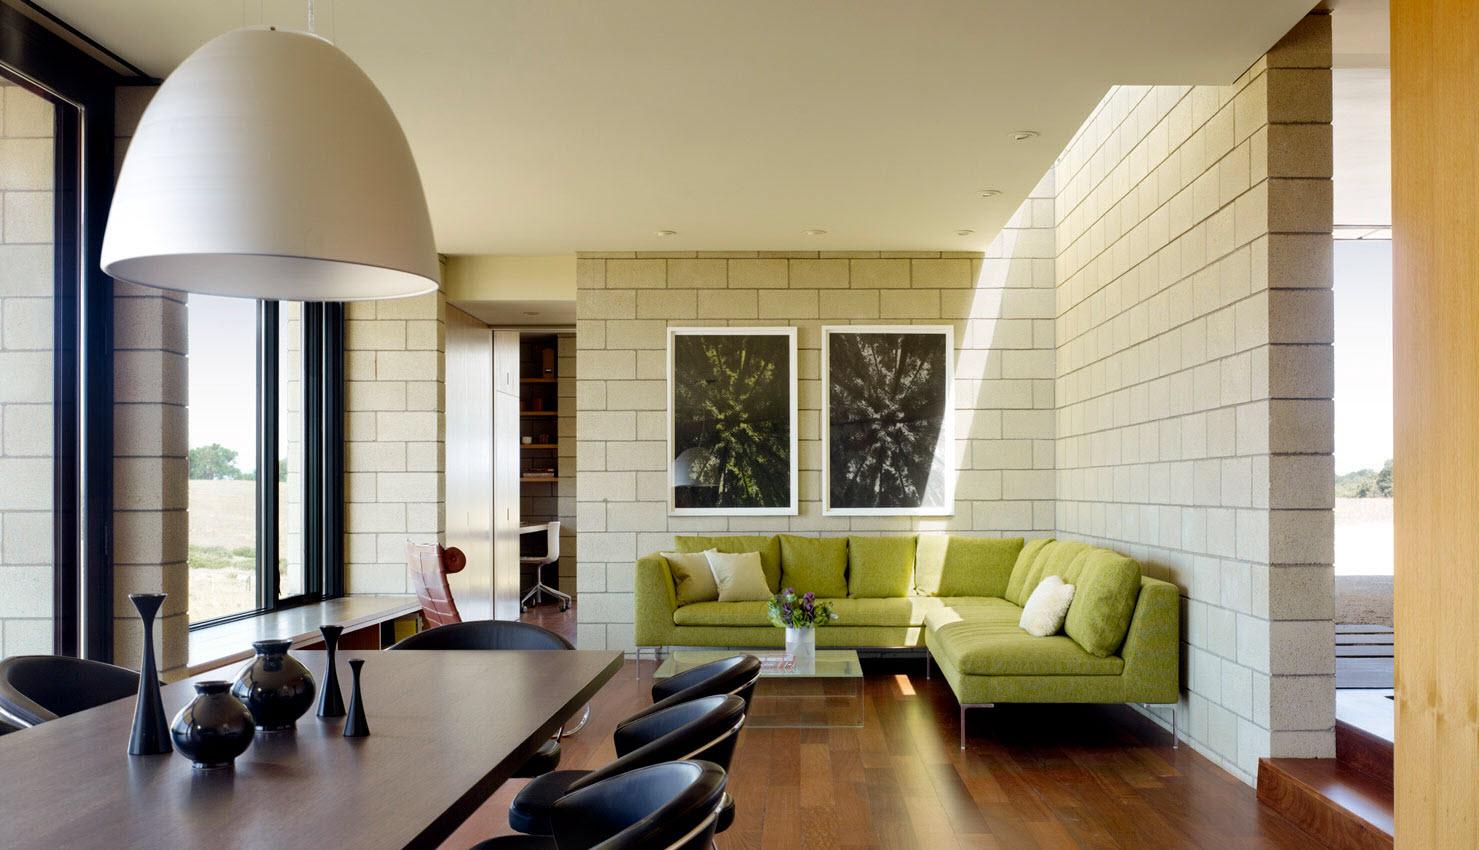 Dise o de casa moderna de un piso de ladrillo caravista for Decoracion construccion